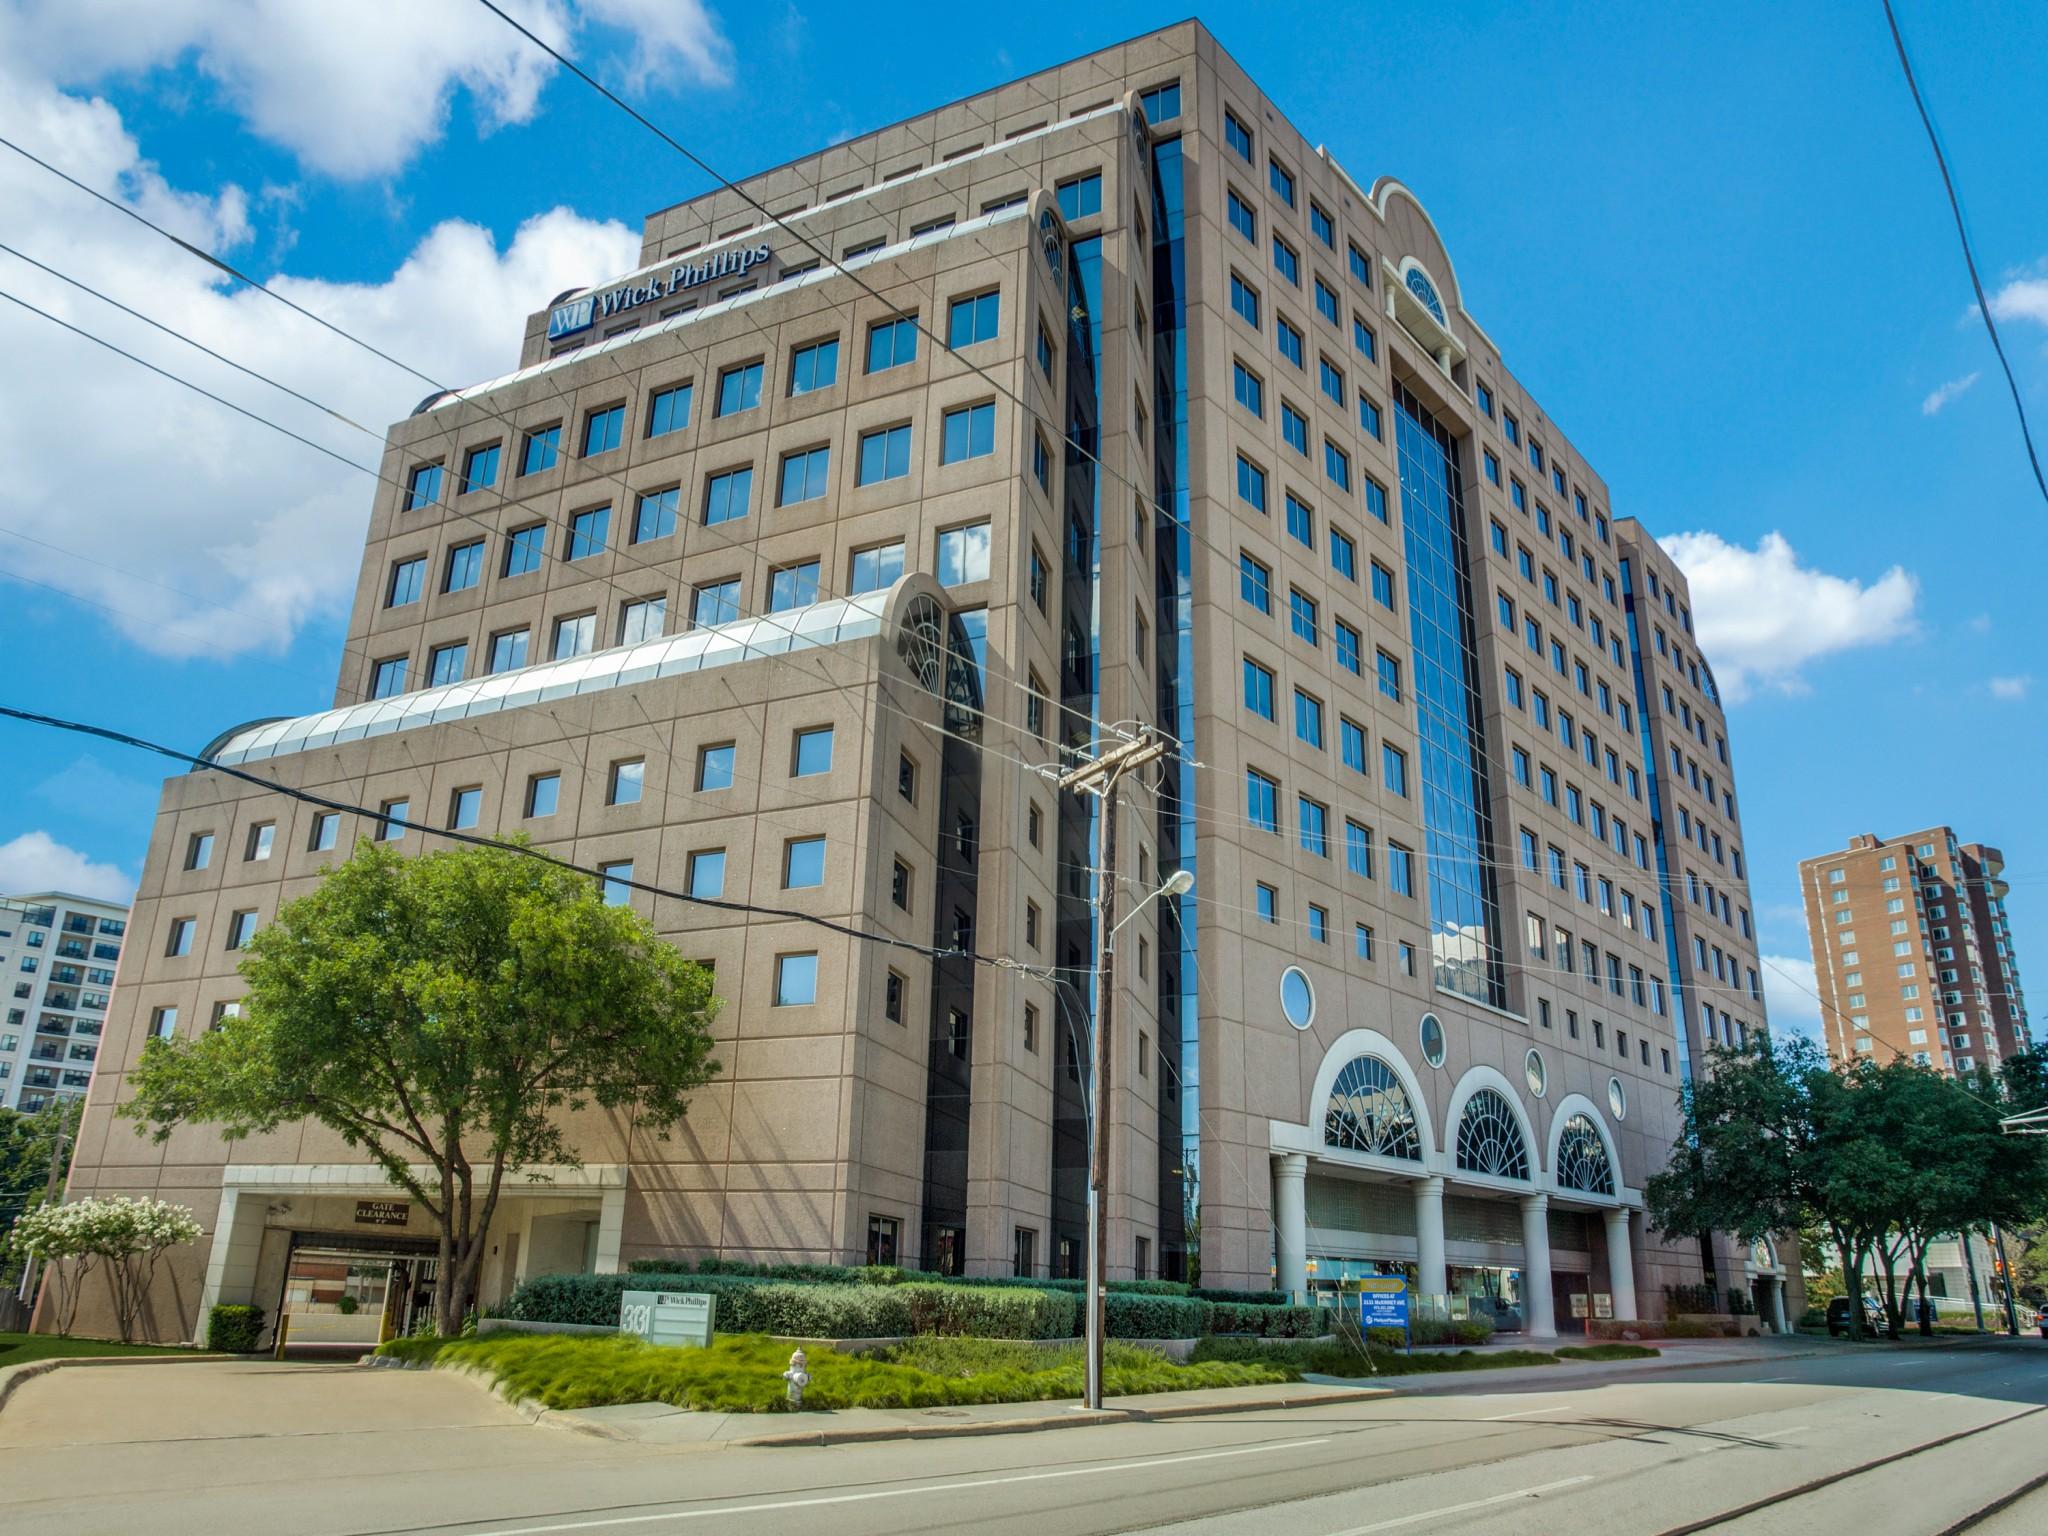 WORKSUITES Uptown McKinney Ave, Dallas